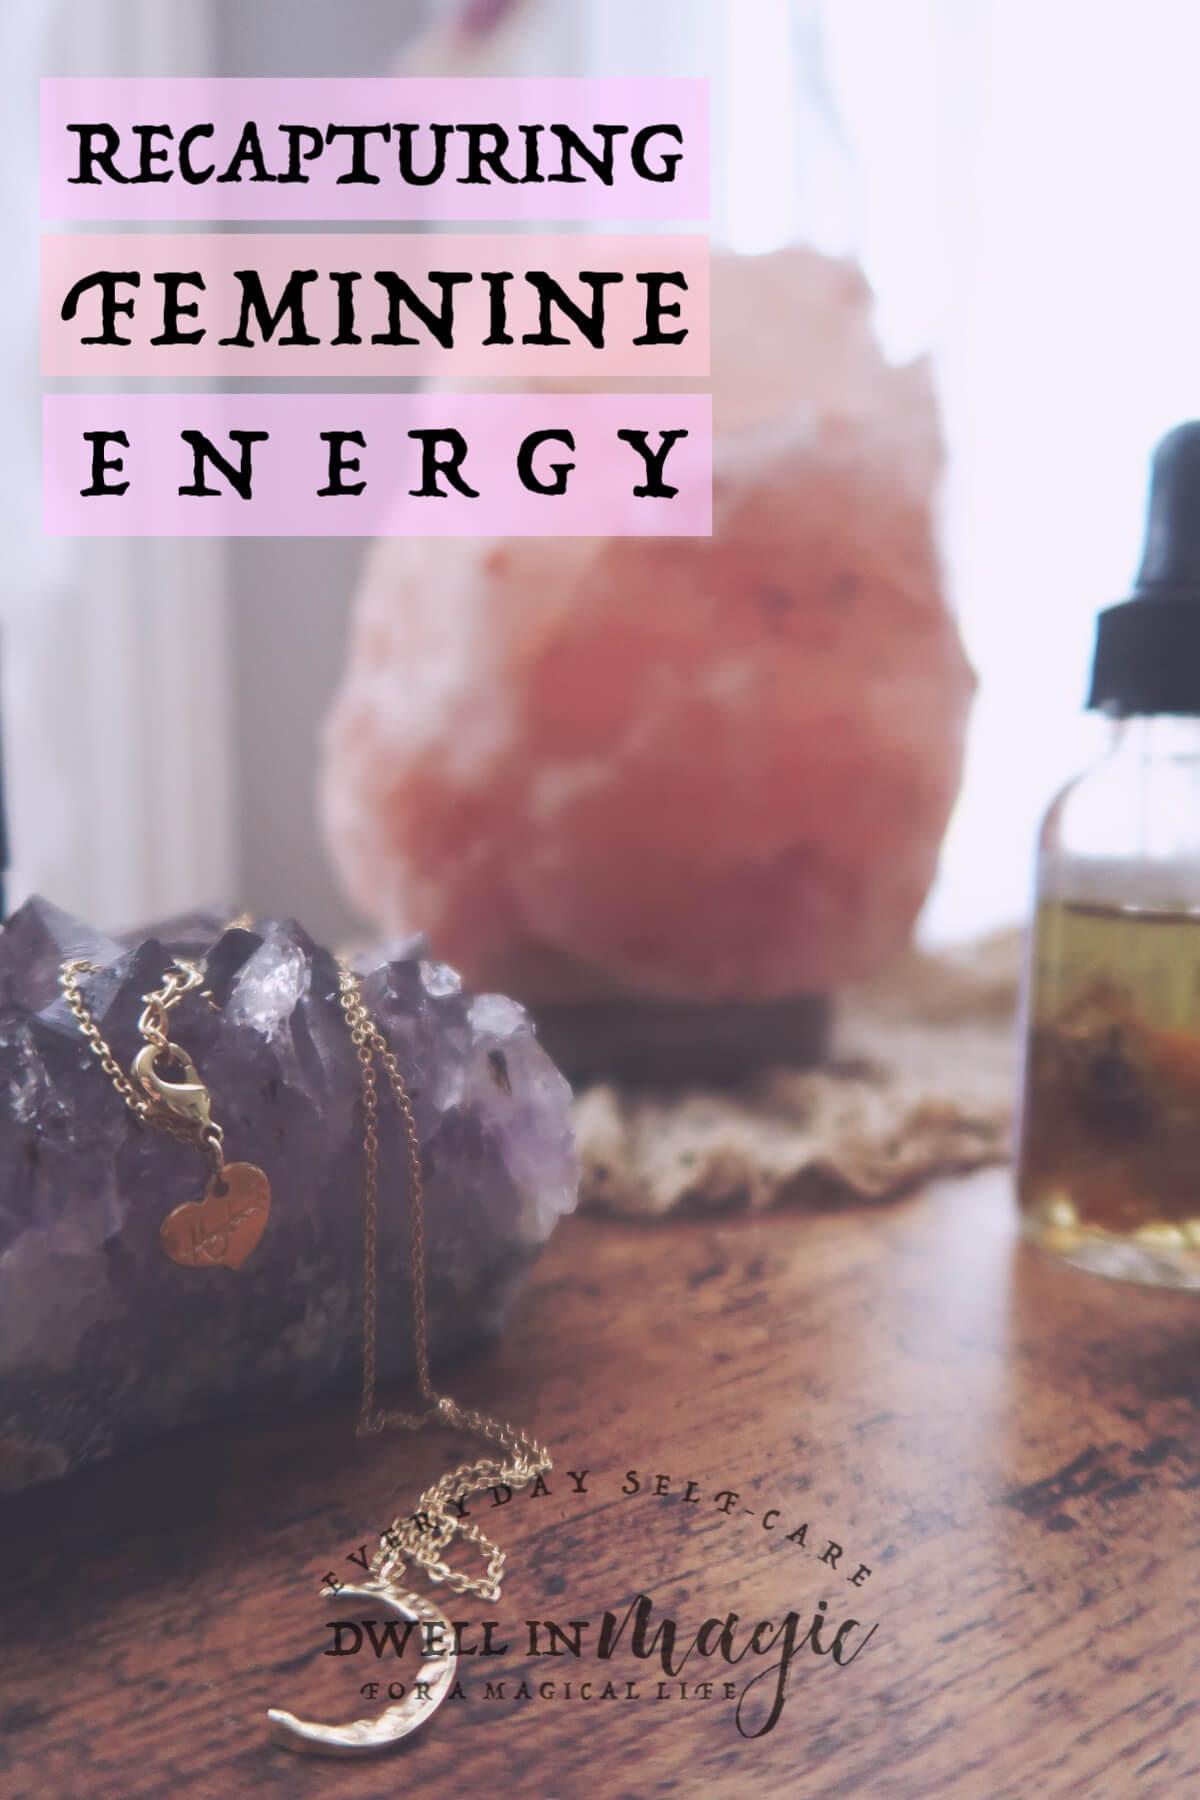 How to recapture feminine energy